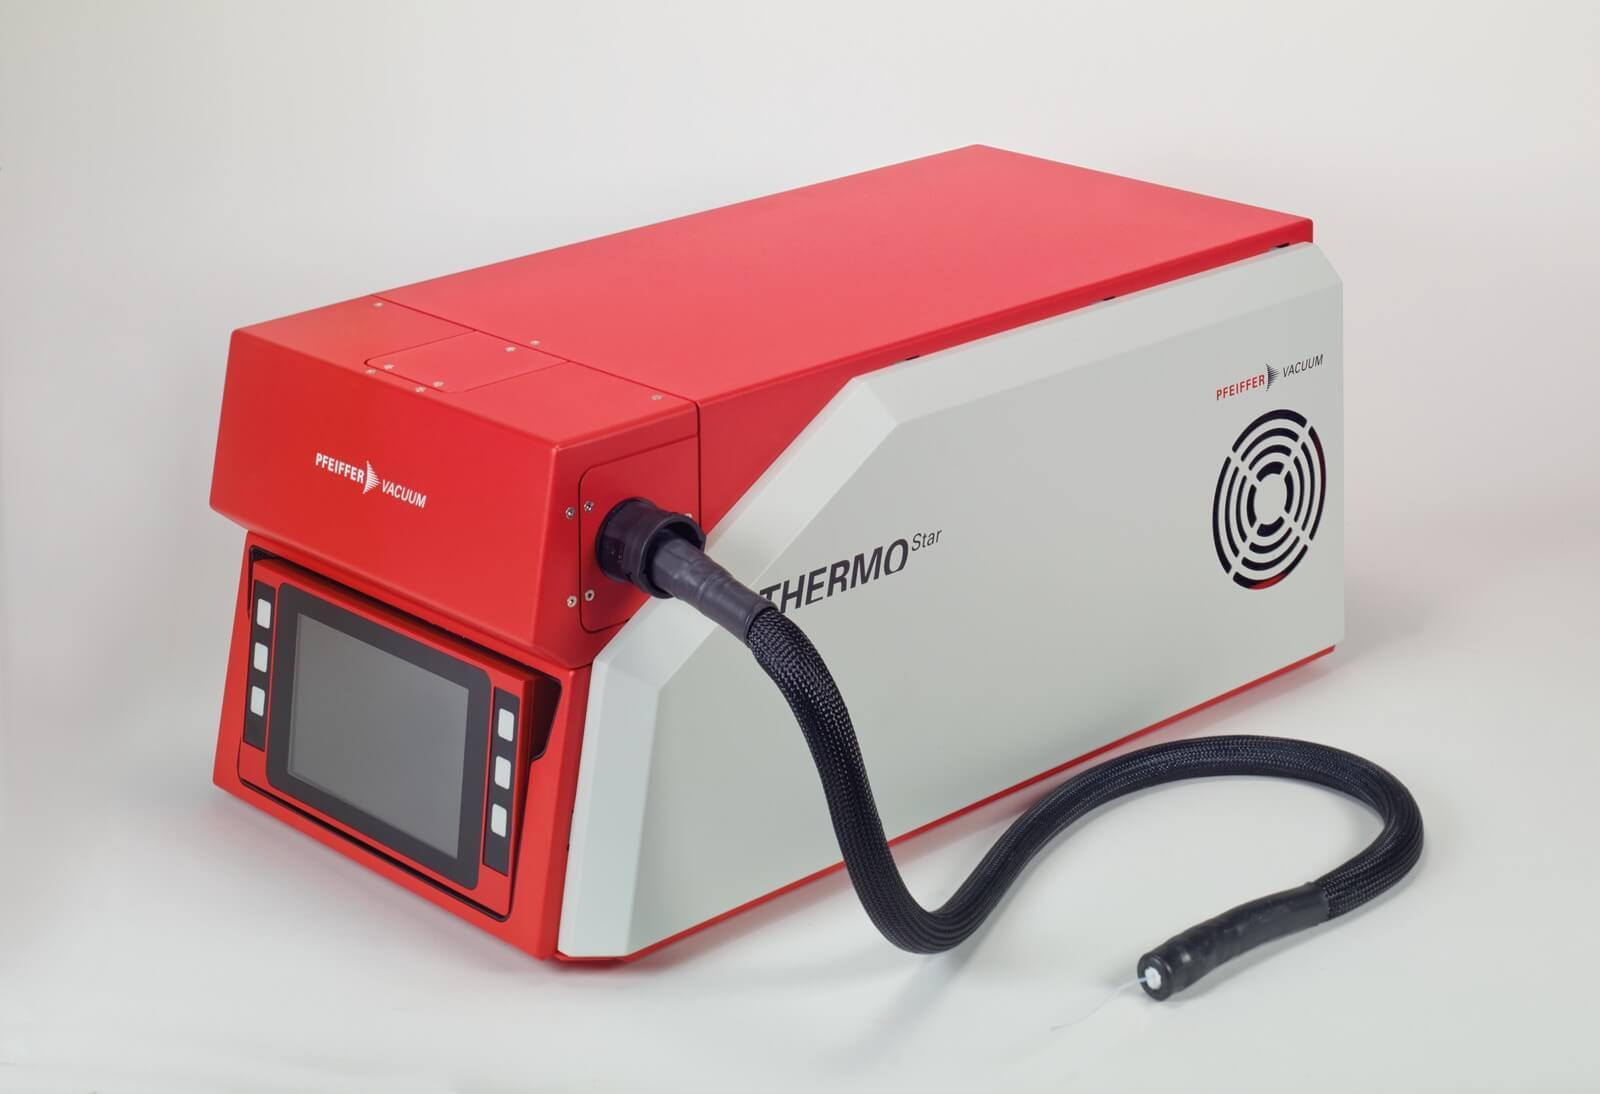 파이퍼베큠 THERMOSTAR® 가스 분석 시스템